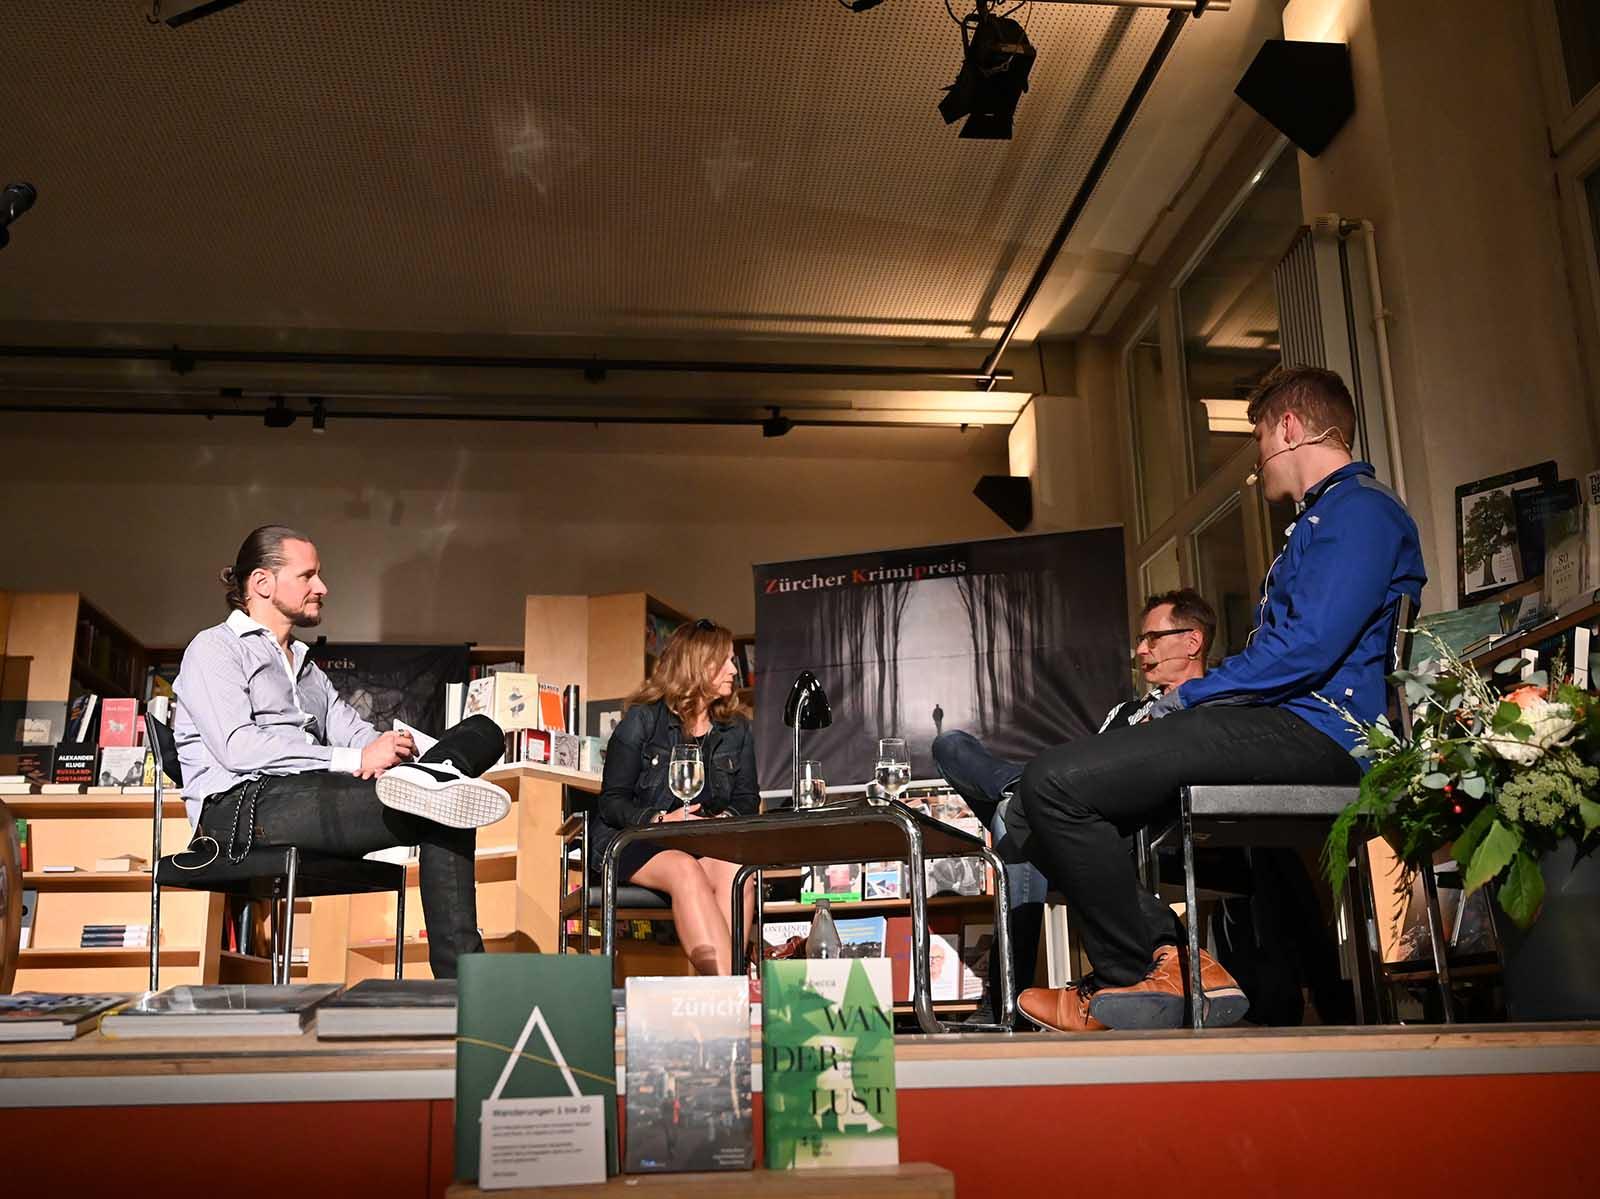 Die elfte Verleihung des Zürcher Krimipreises fand im «Sphères» statt. Neu moderierte André Sommerfeld (links) die Feier.